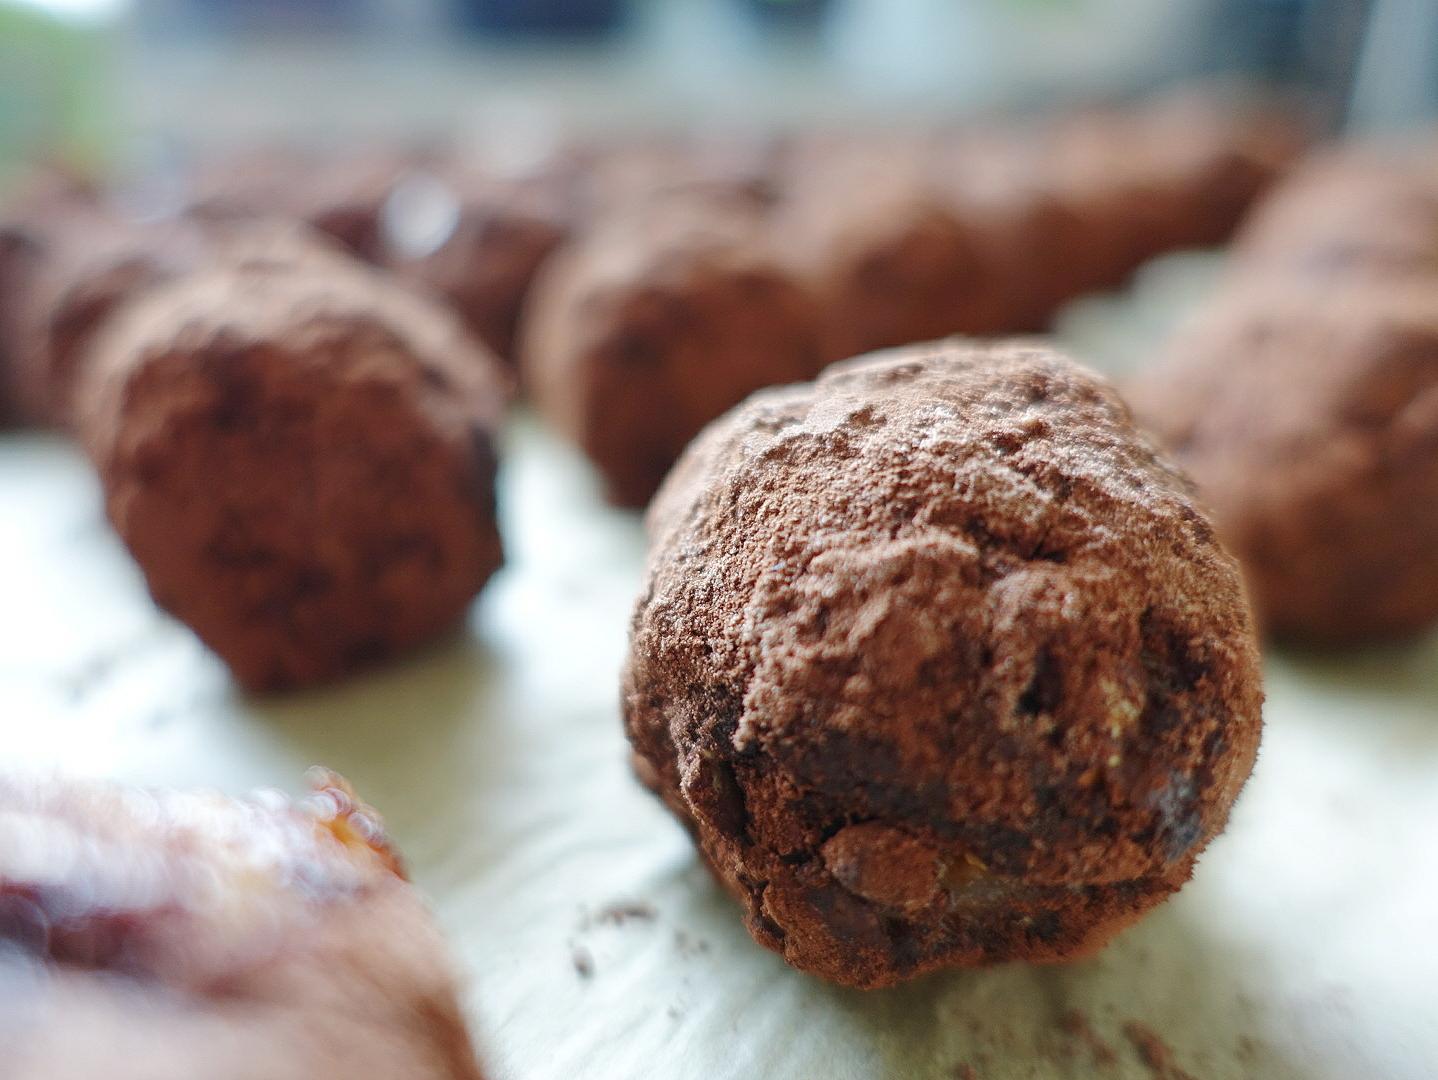 Zum Schluss in Kakao oder Kokos wälzen